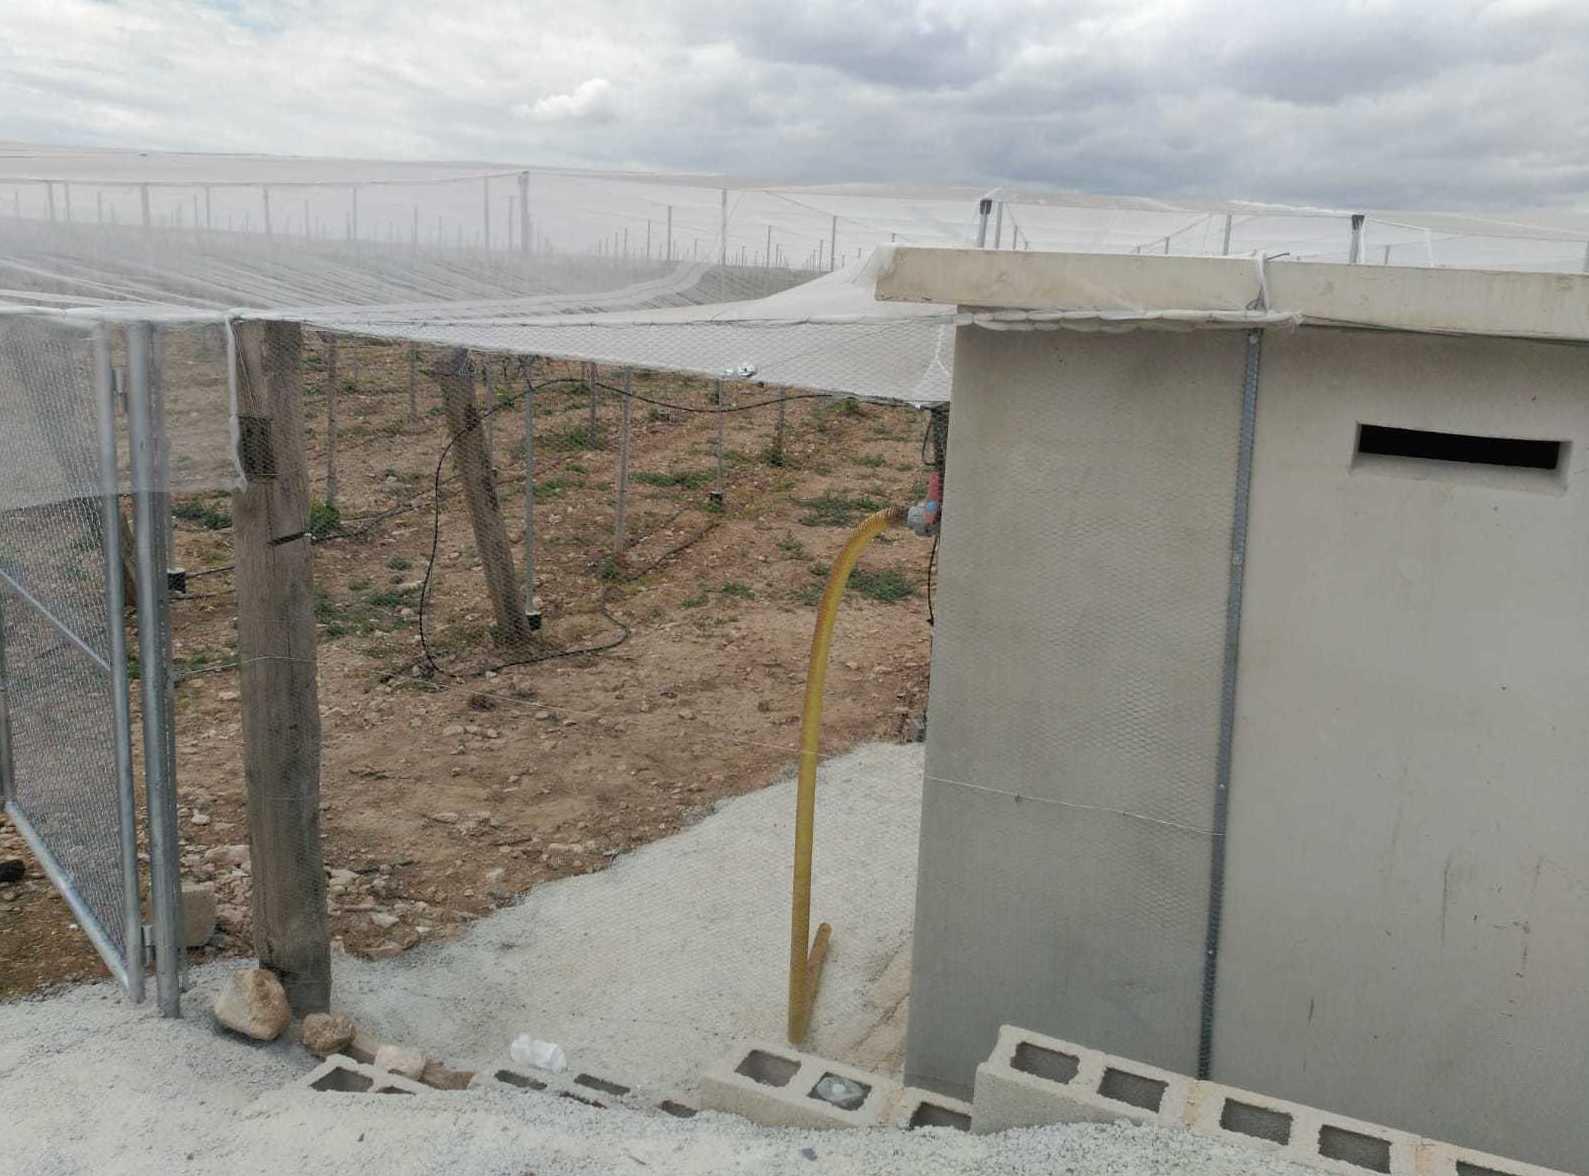 Foto 79 de Infraestructuras y trabajos agrícolas en La Murada – Orihuela | Mantenimiento y Estructuras Agrícolas Mateo e Hijo, S.L.